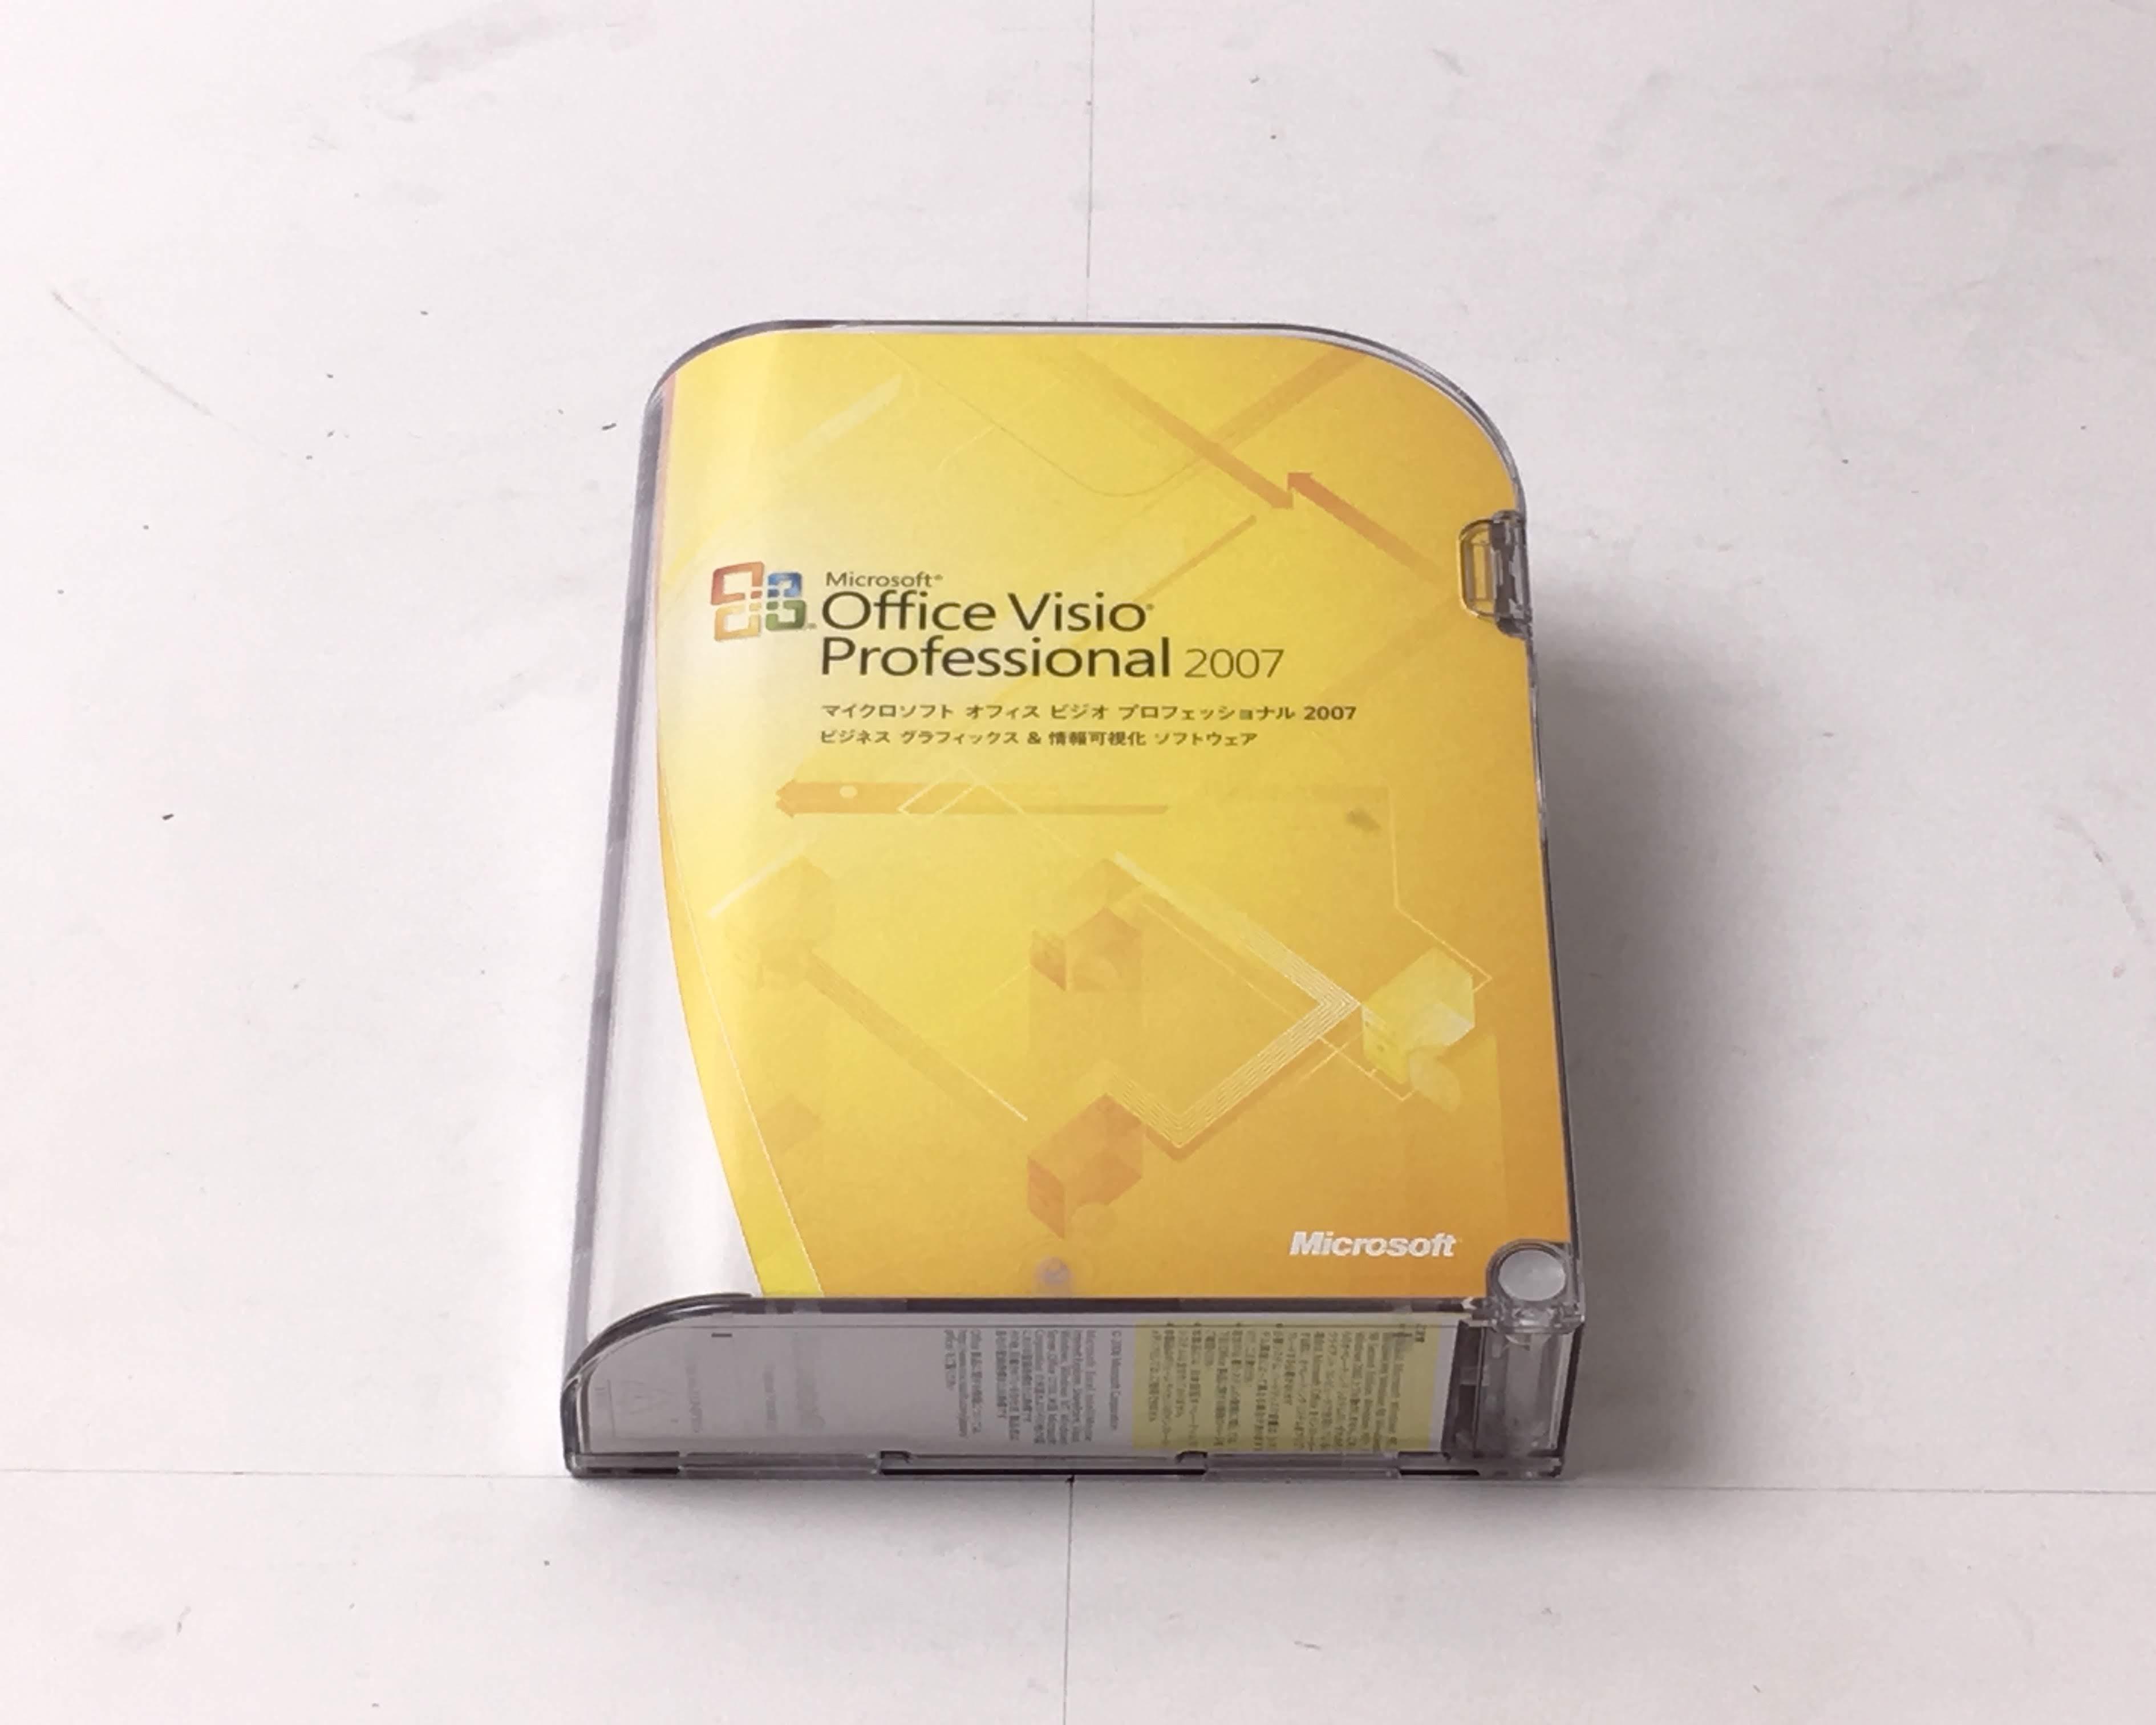 【中古品】Microsoft Office Visio Professional 2007 Windows メイン画像